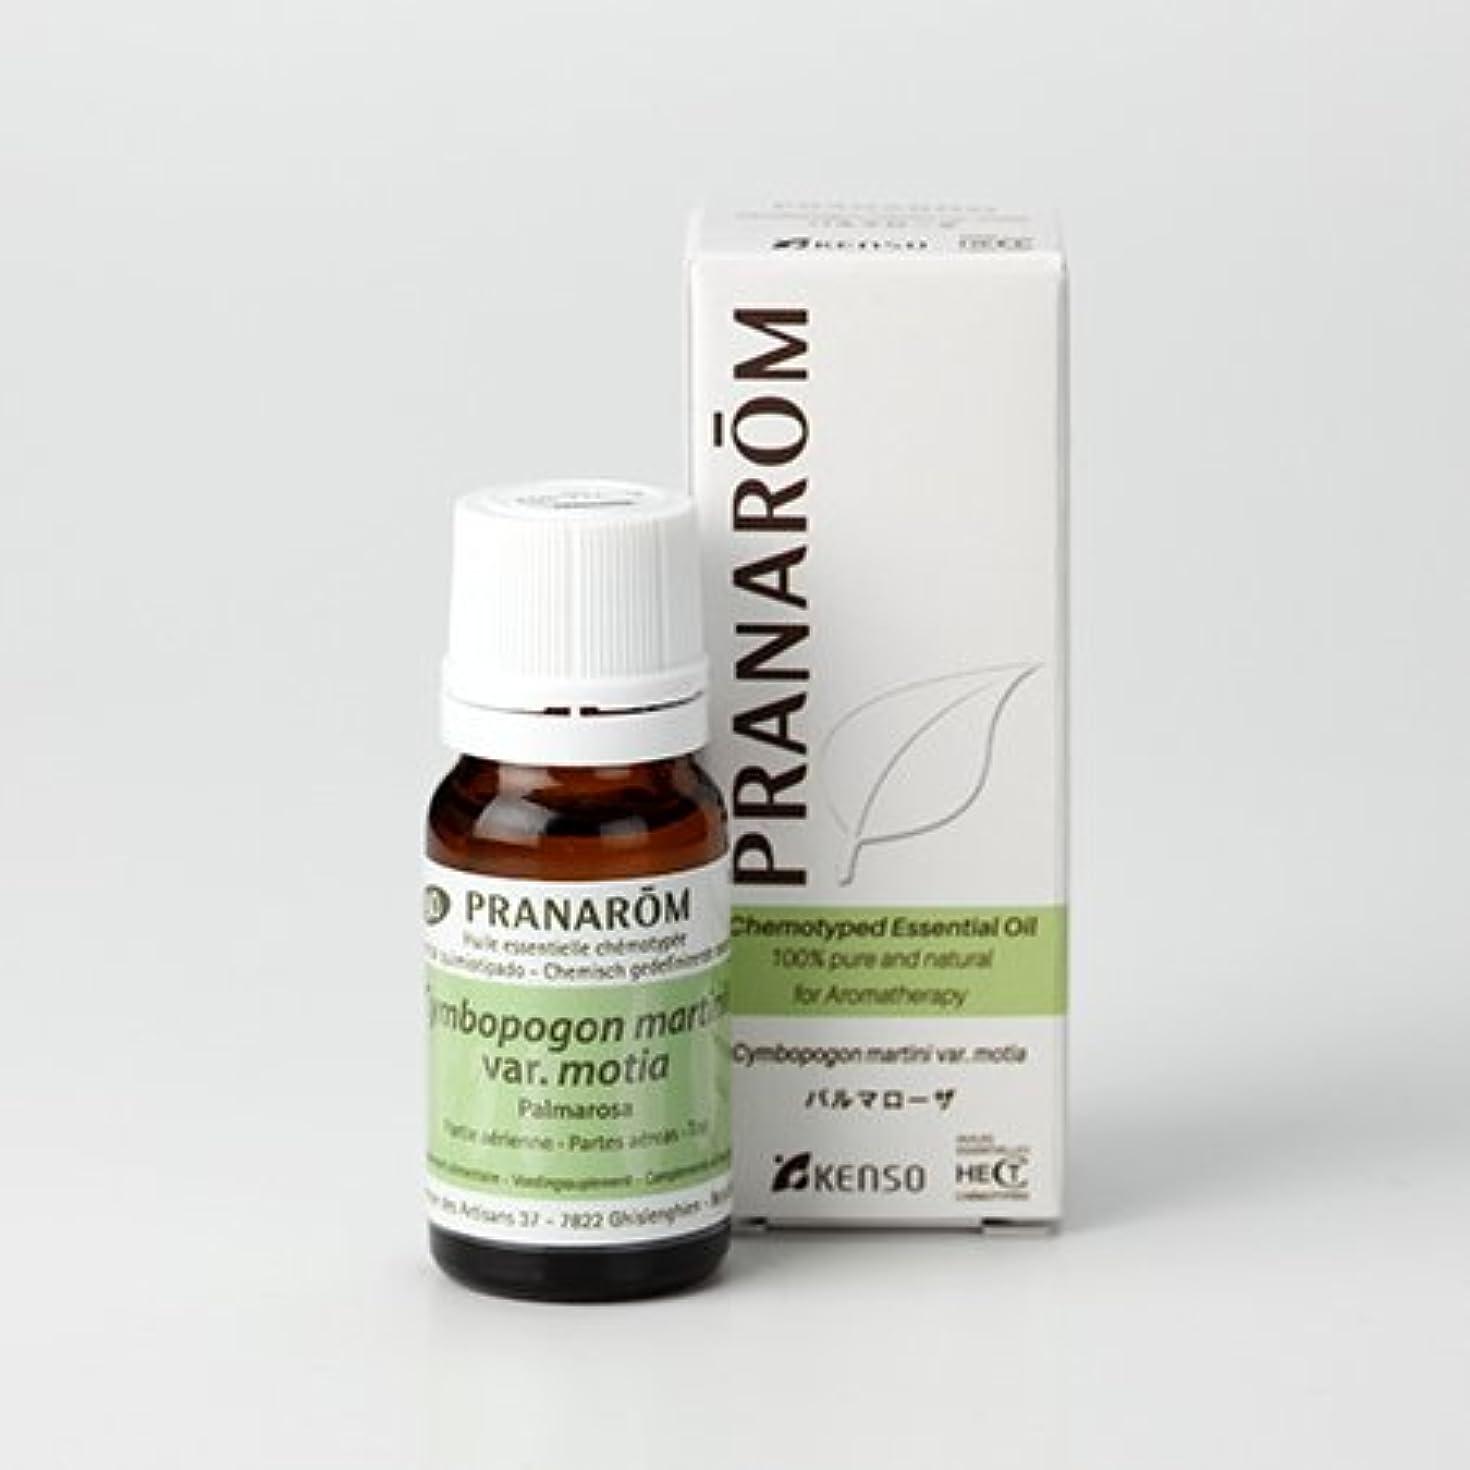 ハウス耐えられないクリップ蝶プラナロム ( PRANAROM ) 精油 パルマローザ 10ml p-59